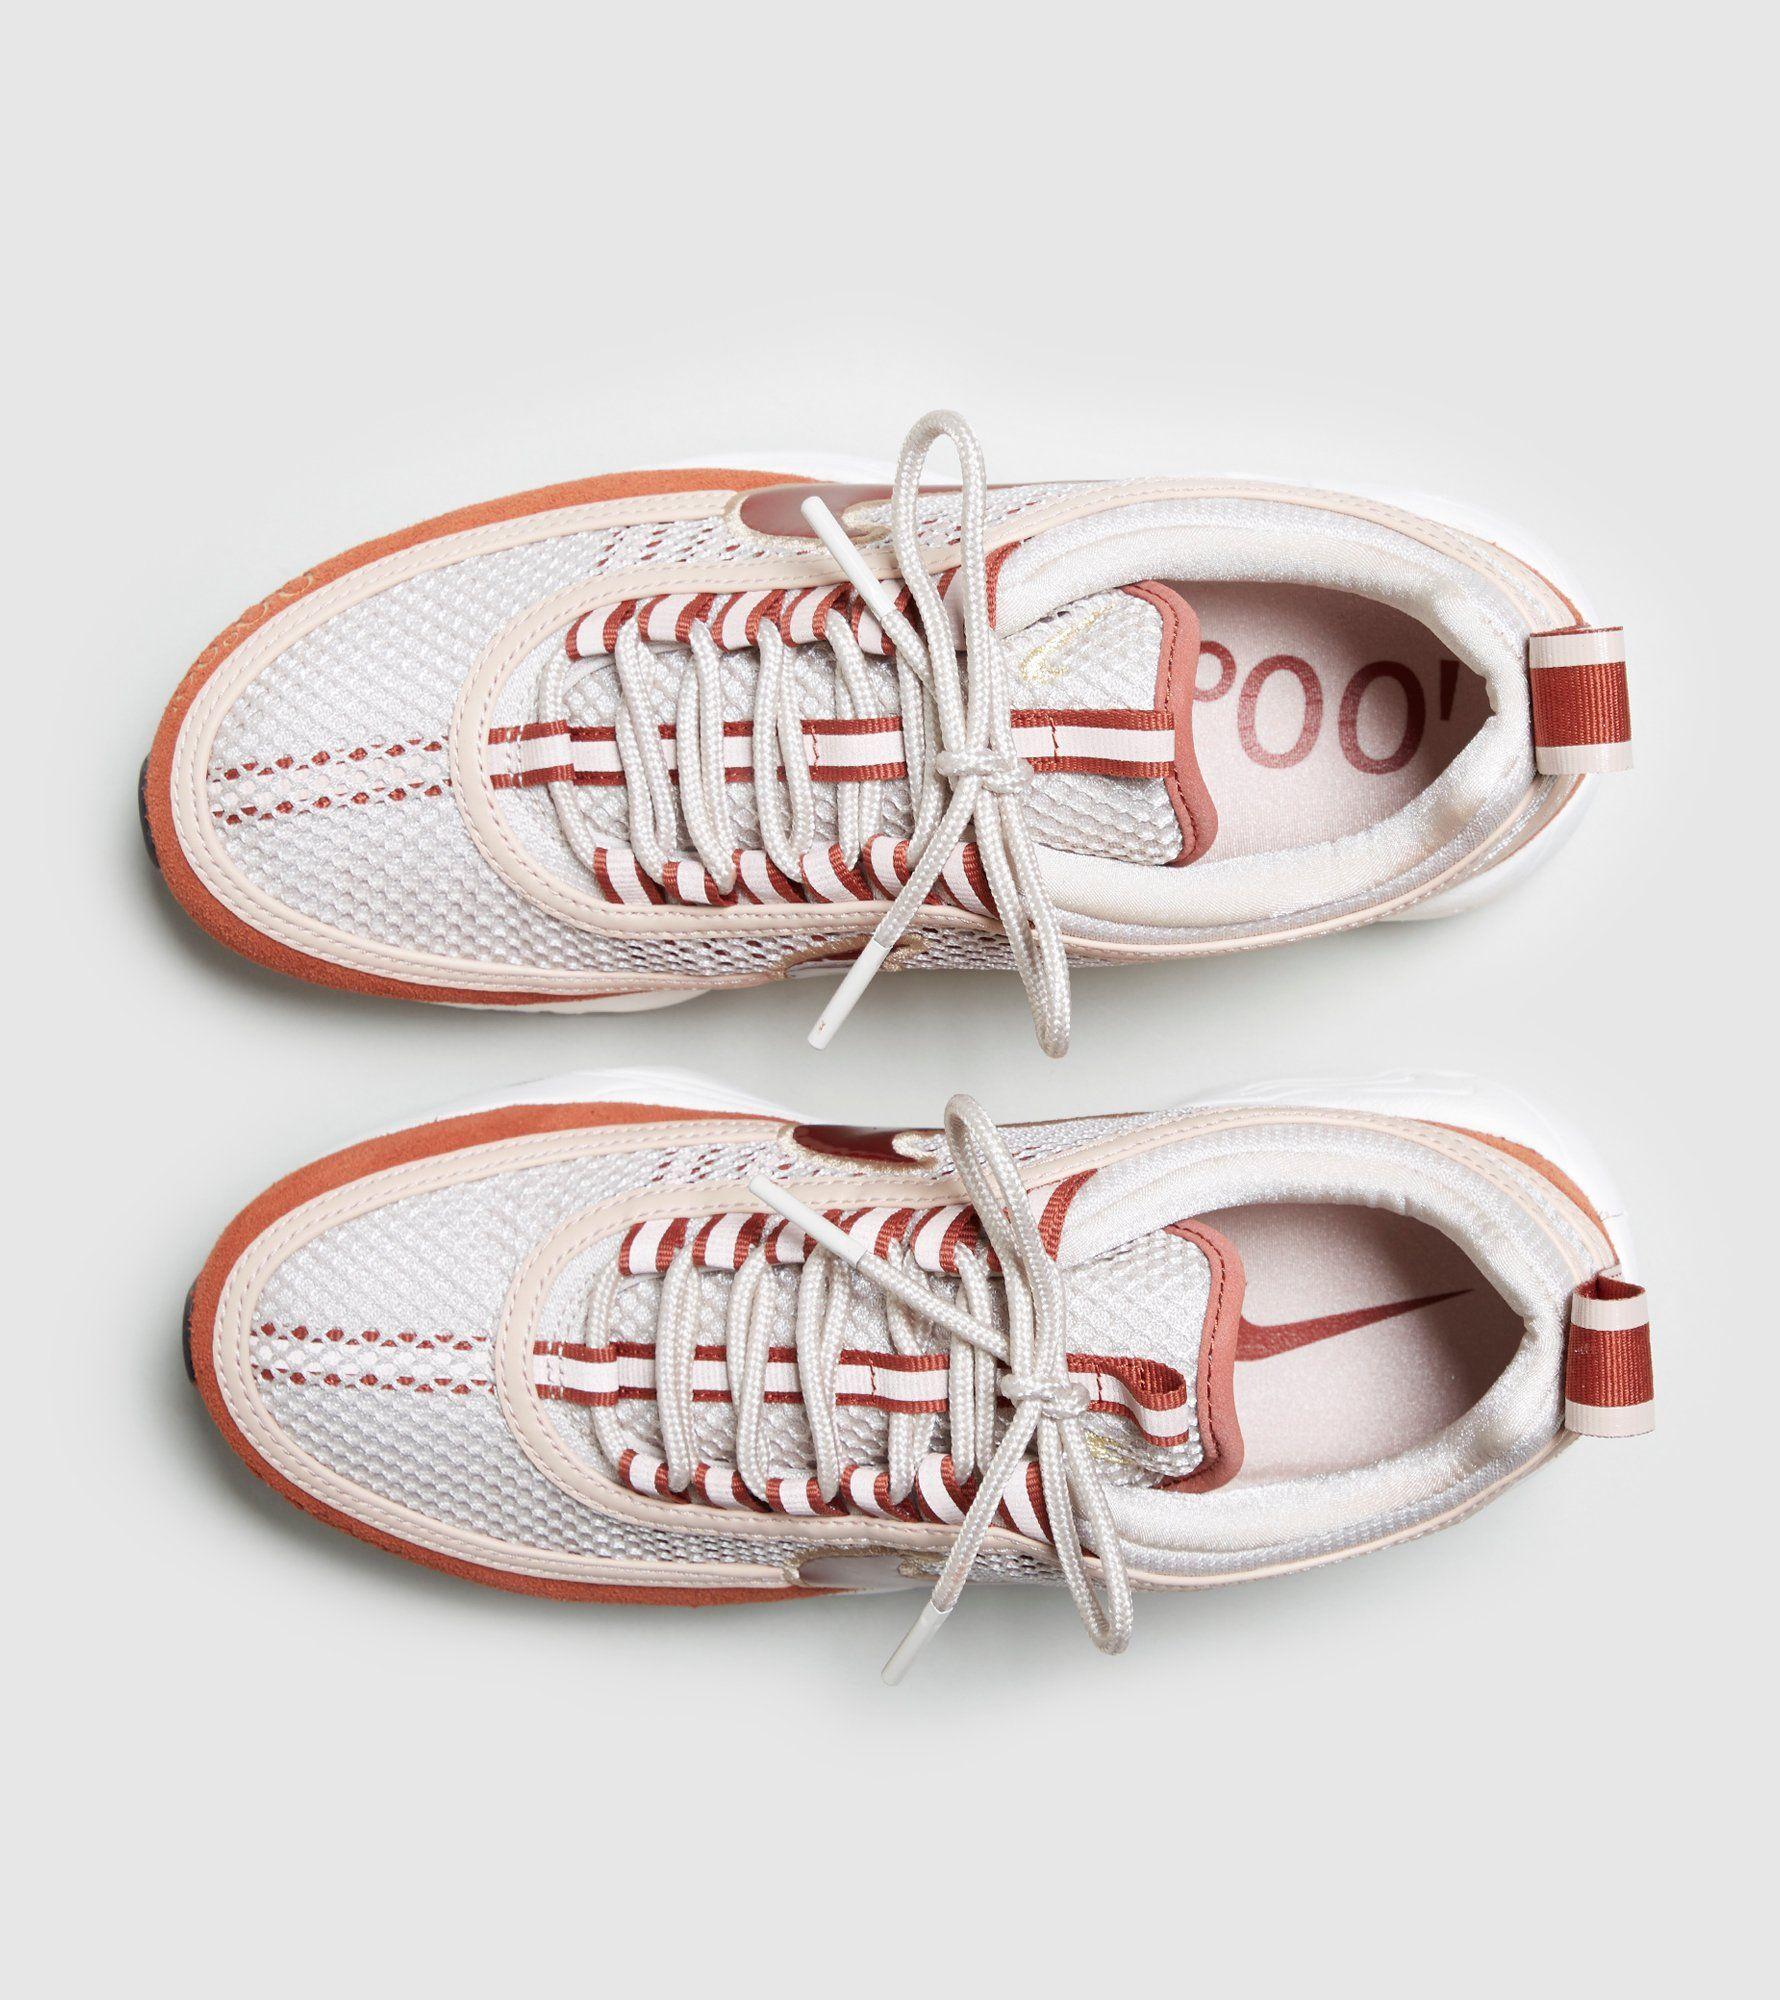 Nike Air Zoom Spiridon 'GMT Pack' Women's